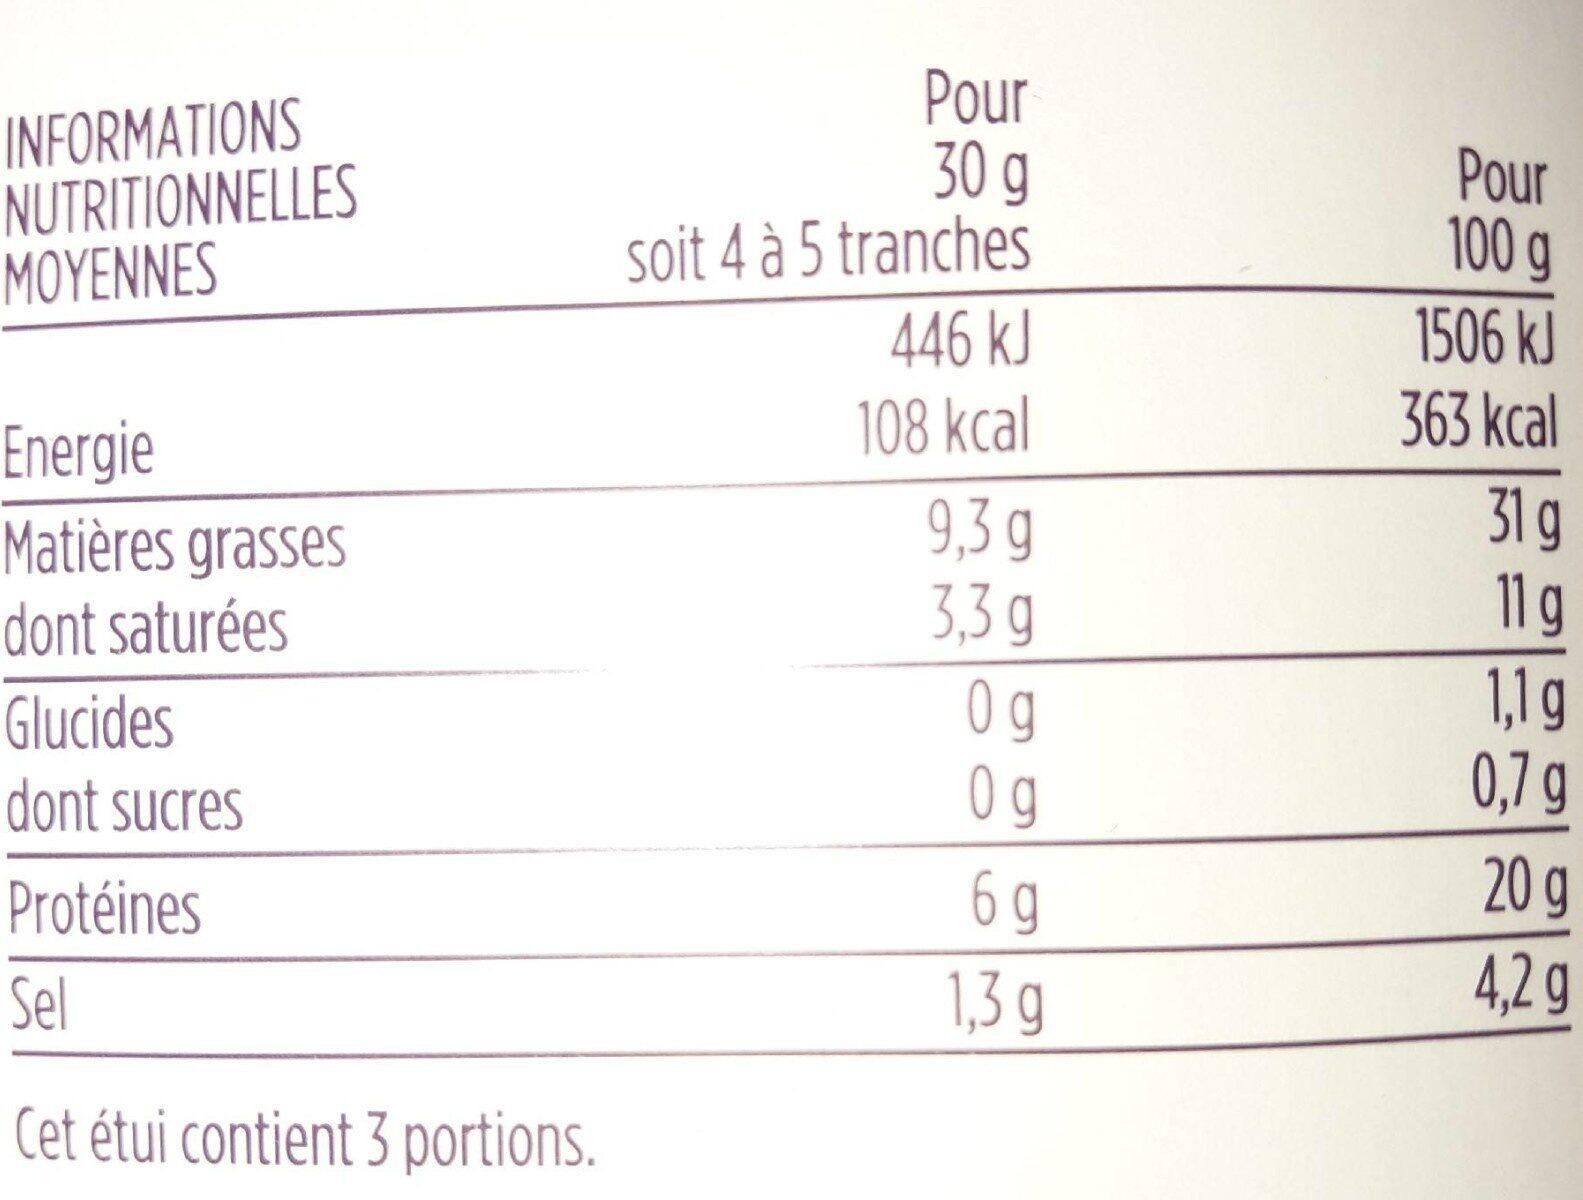 Magret de canard du Sud-Ouest séché au poivre - Voedingswaarden - fr